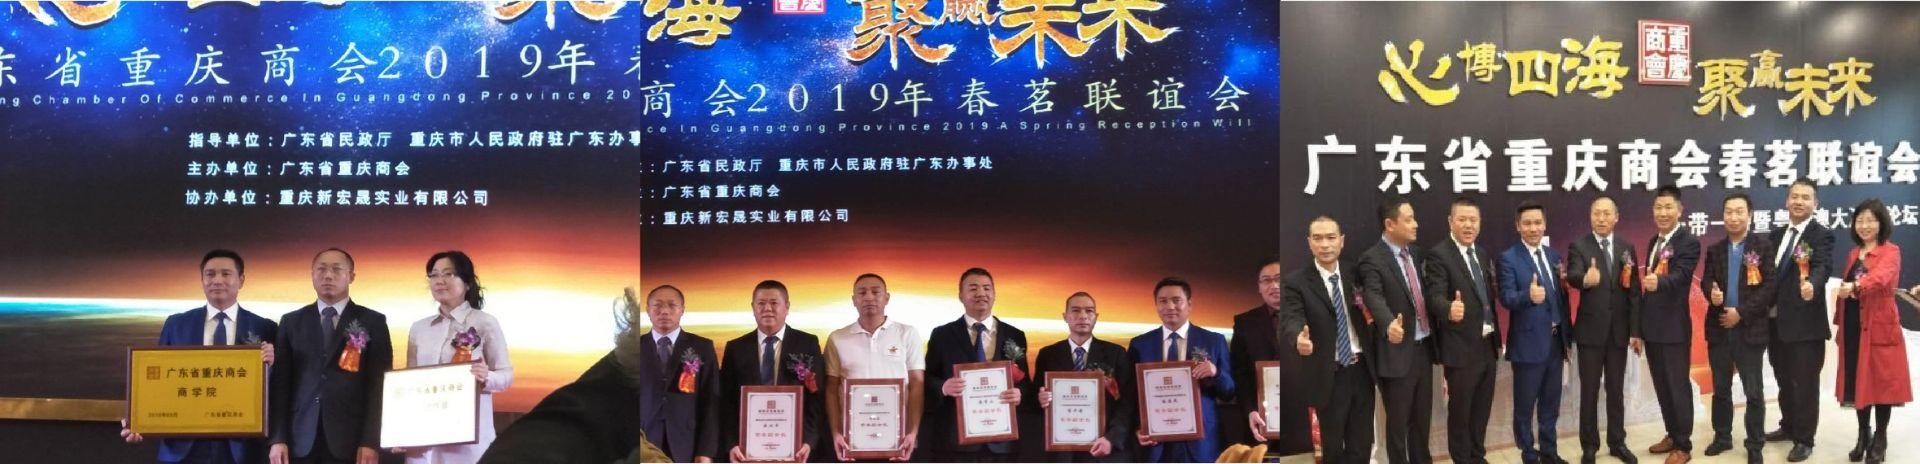 热烈祝贺杨荐民当选广东省重庆商会商学院院长!